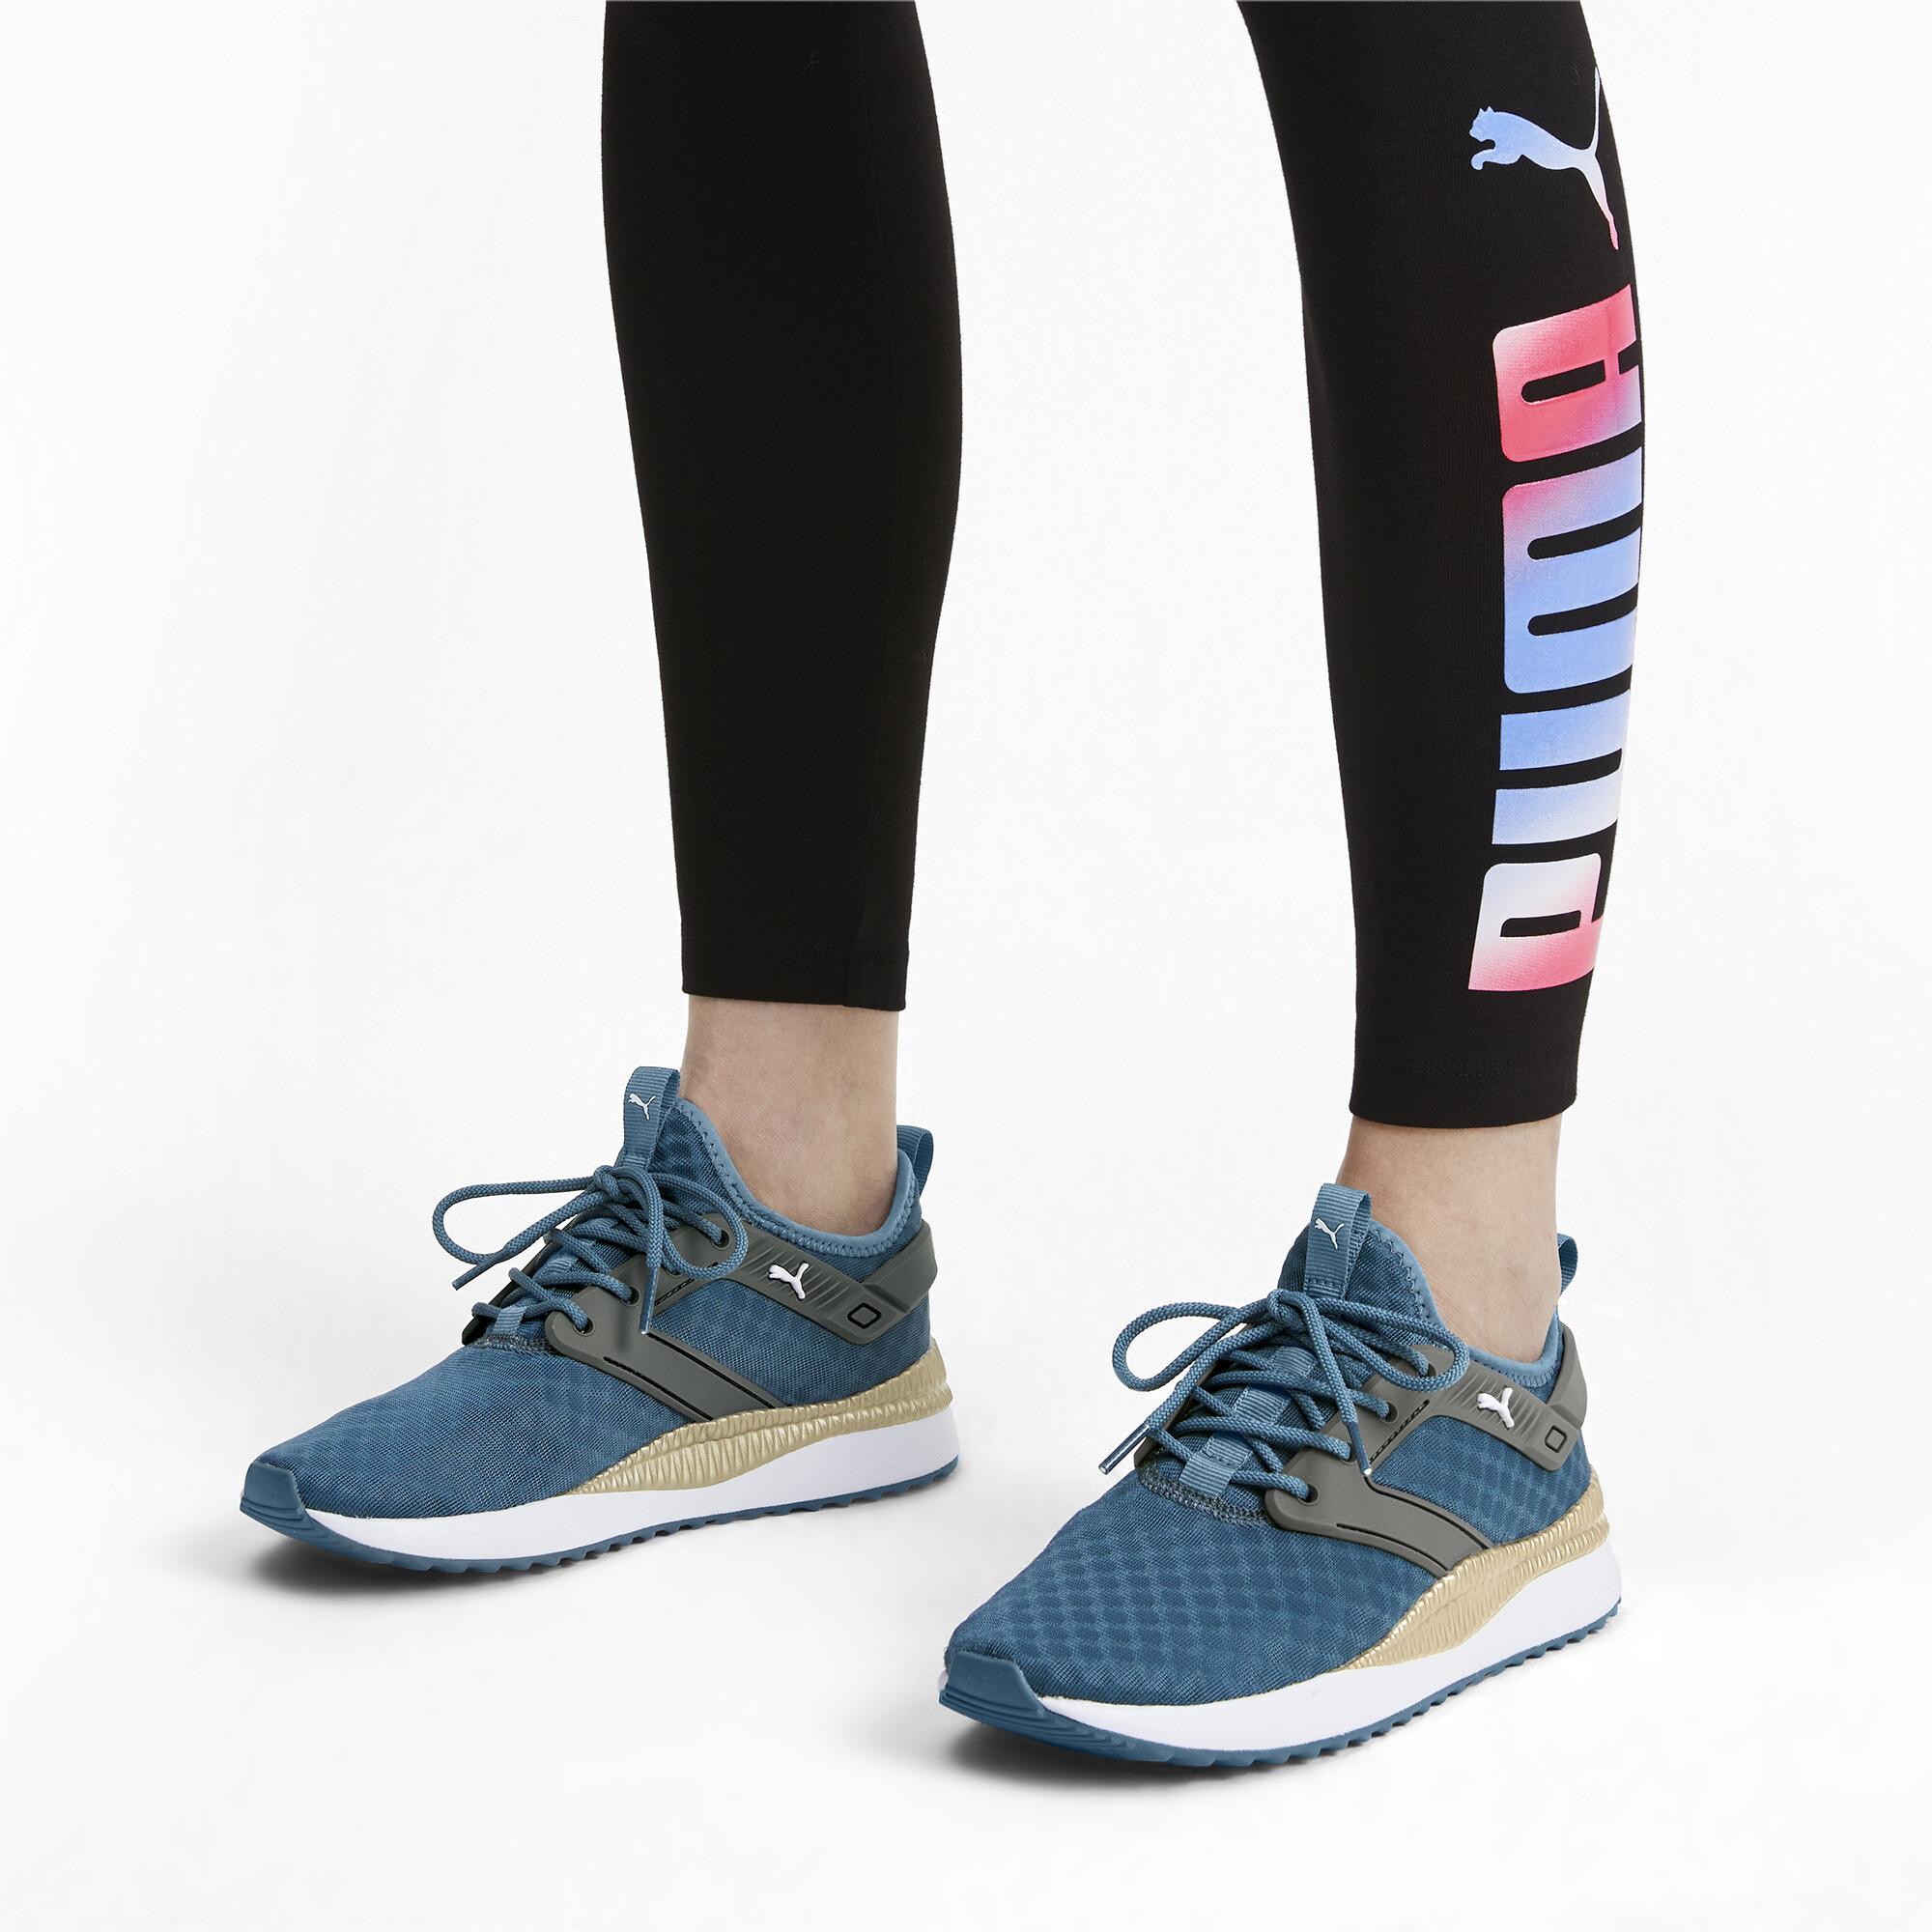 PUMA-Pacer-Next-Excel-Core-Men-039-s-Sneakers-Men-Shoe-Basics thumbnail 20